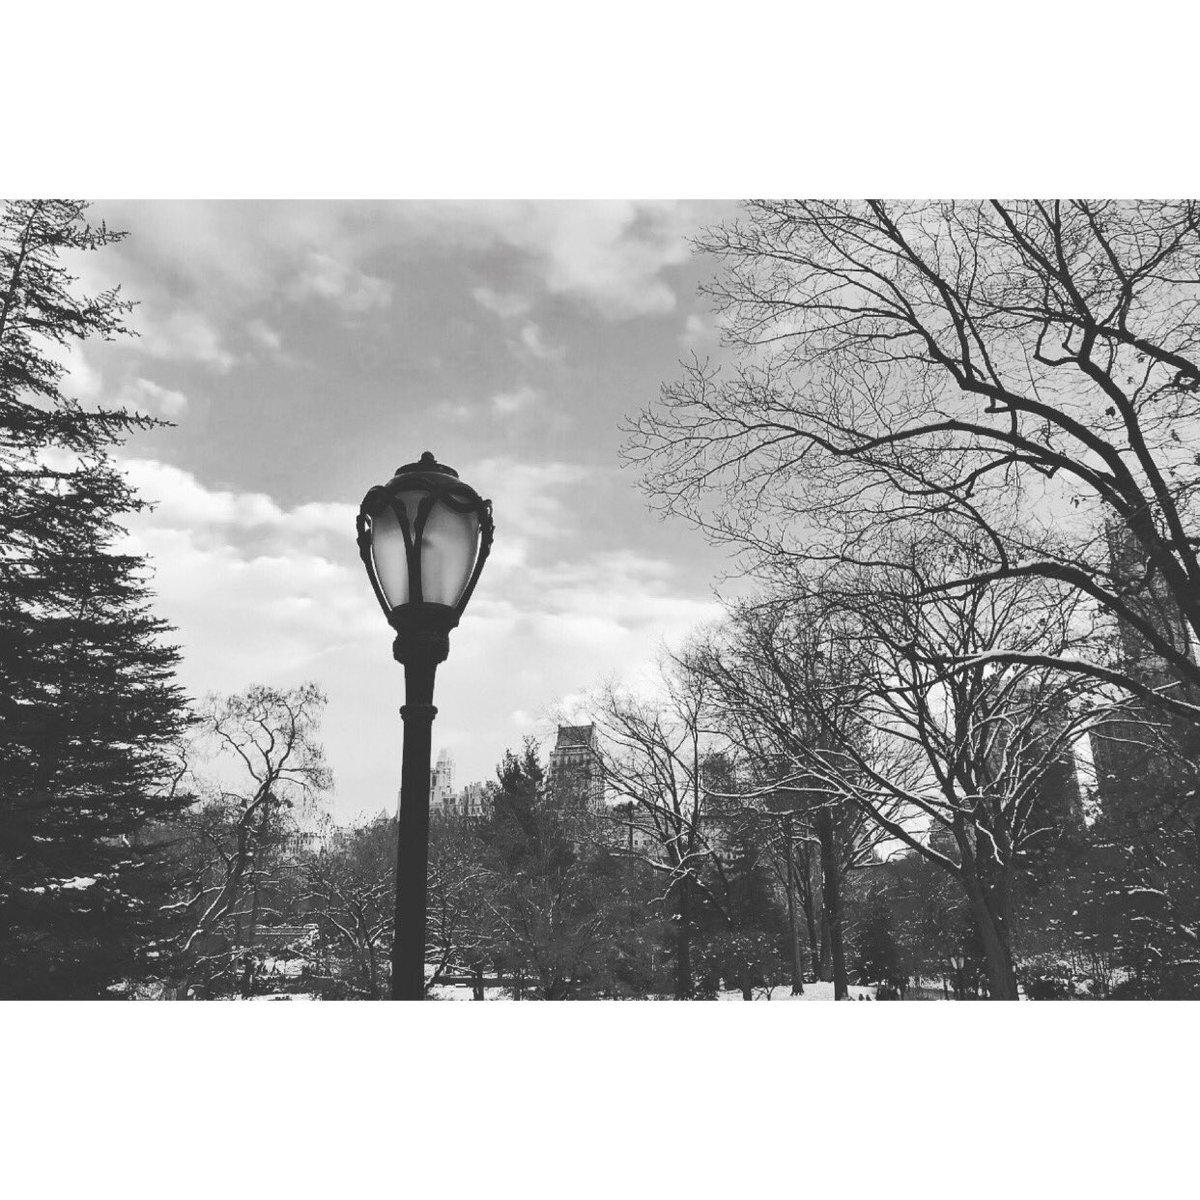 Central Park, New York instagram.com/p/BciejcsHnrJ/